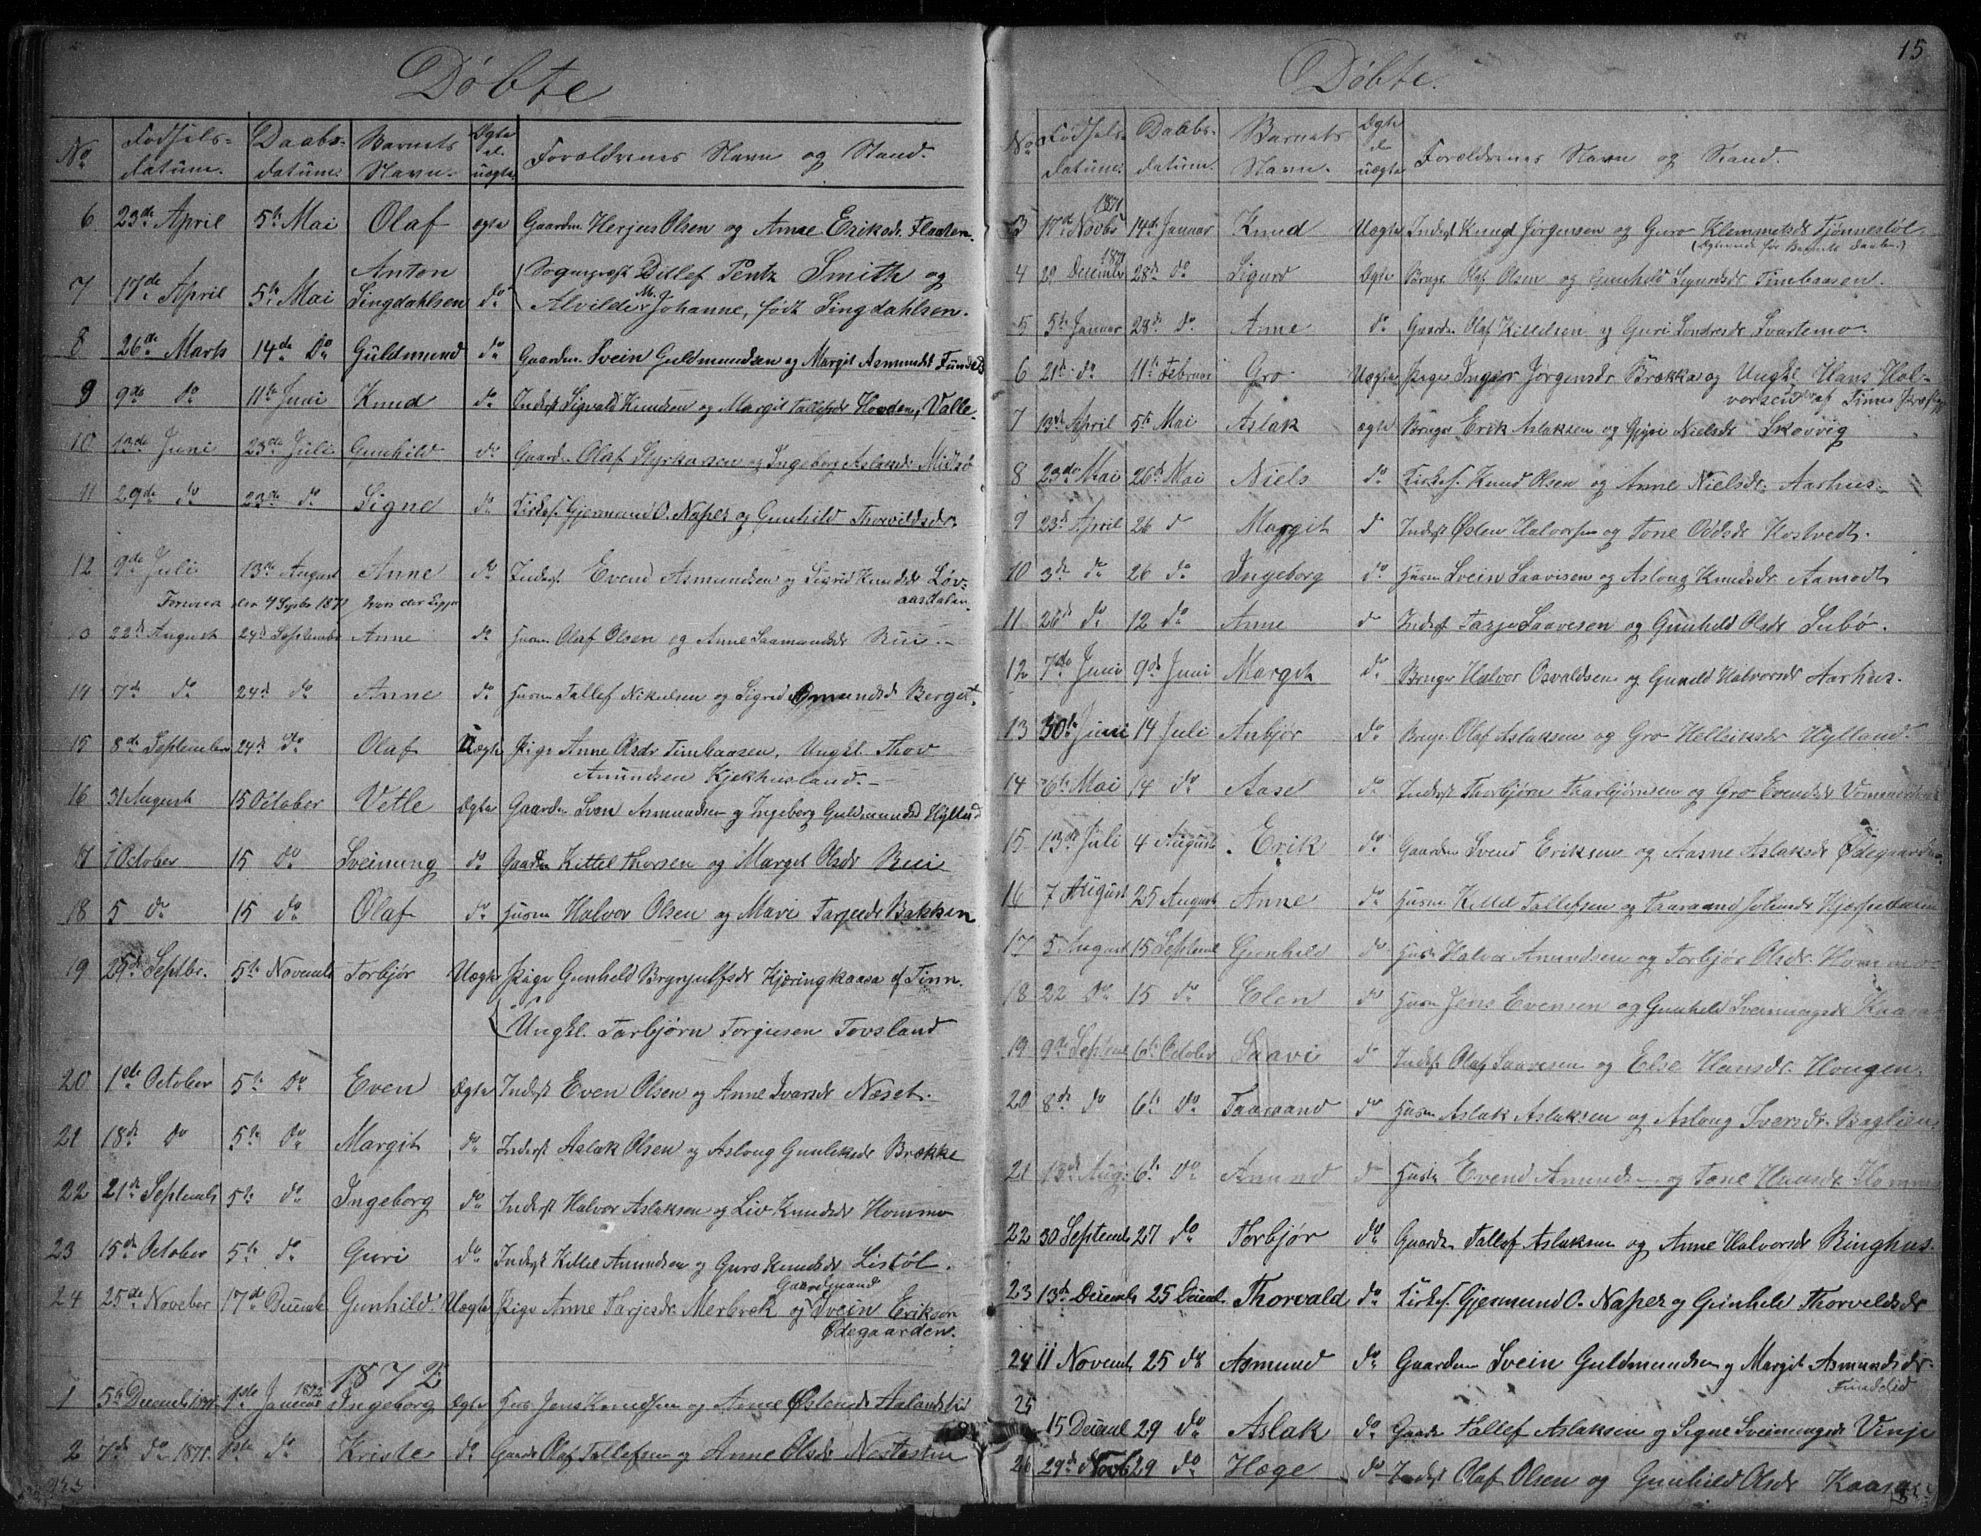 SAKO, Vinje kirkebøker, G/Ga/L0002: Klokkerbok nr. I 2, 1849-1893, s. 15